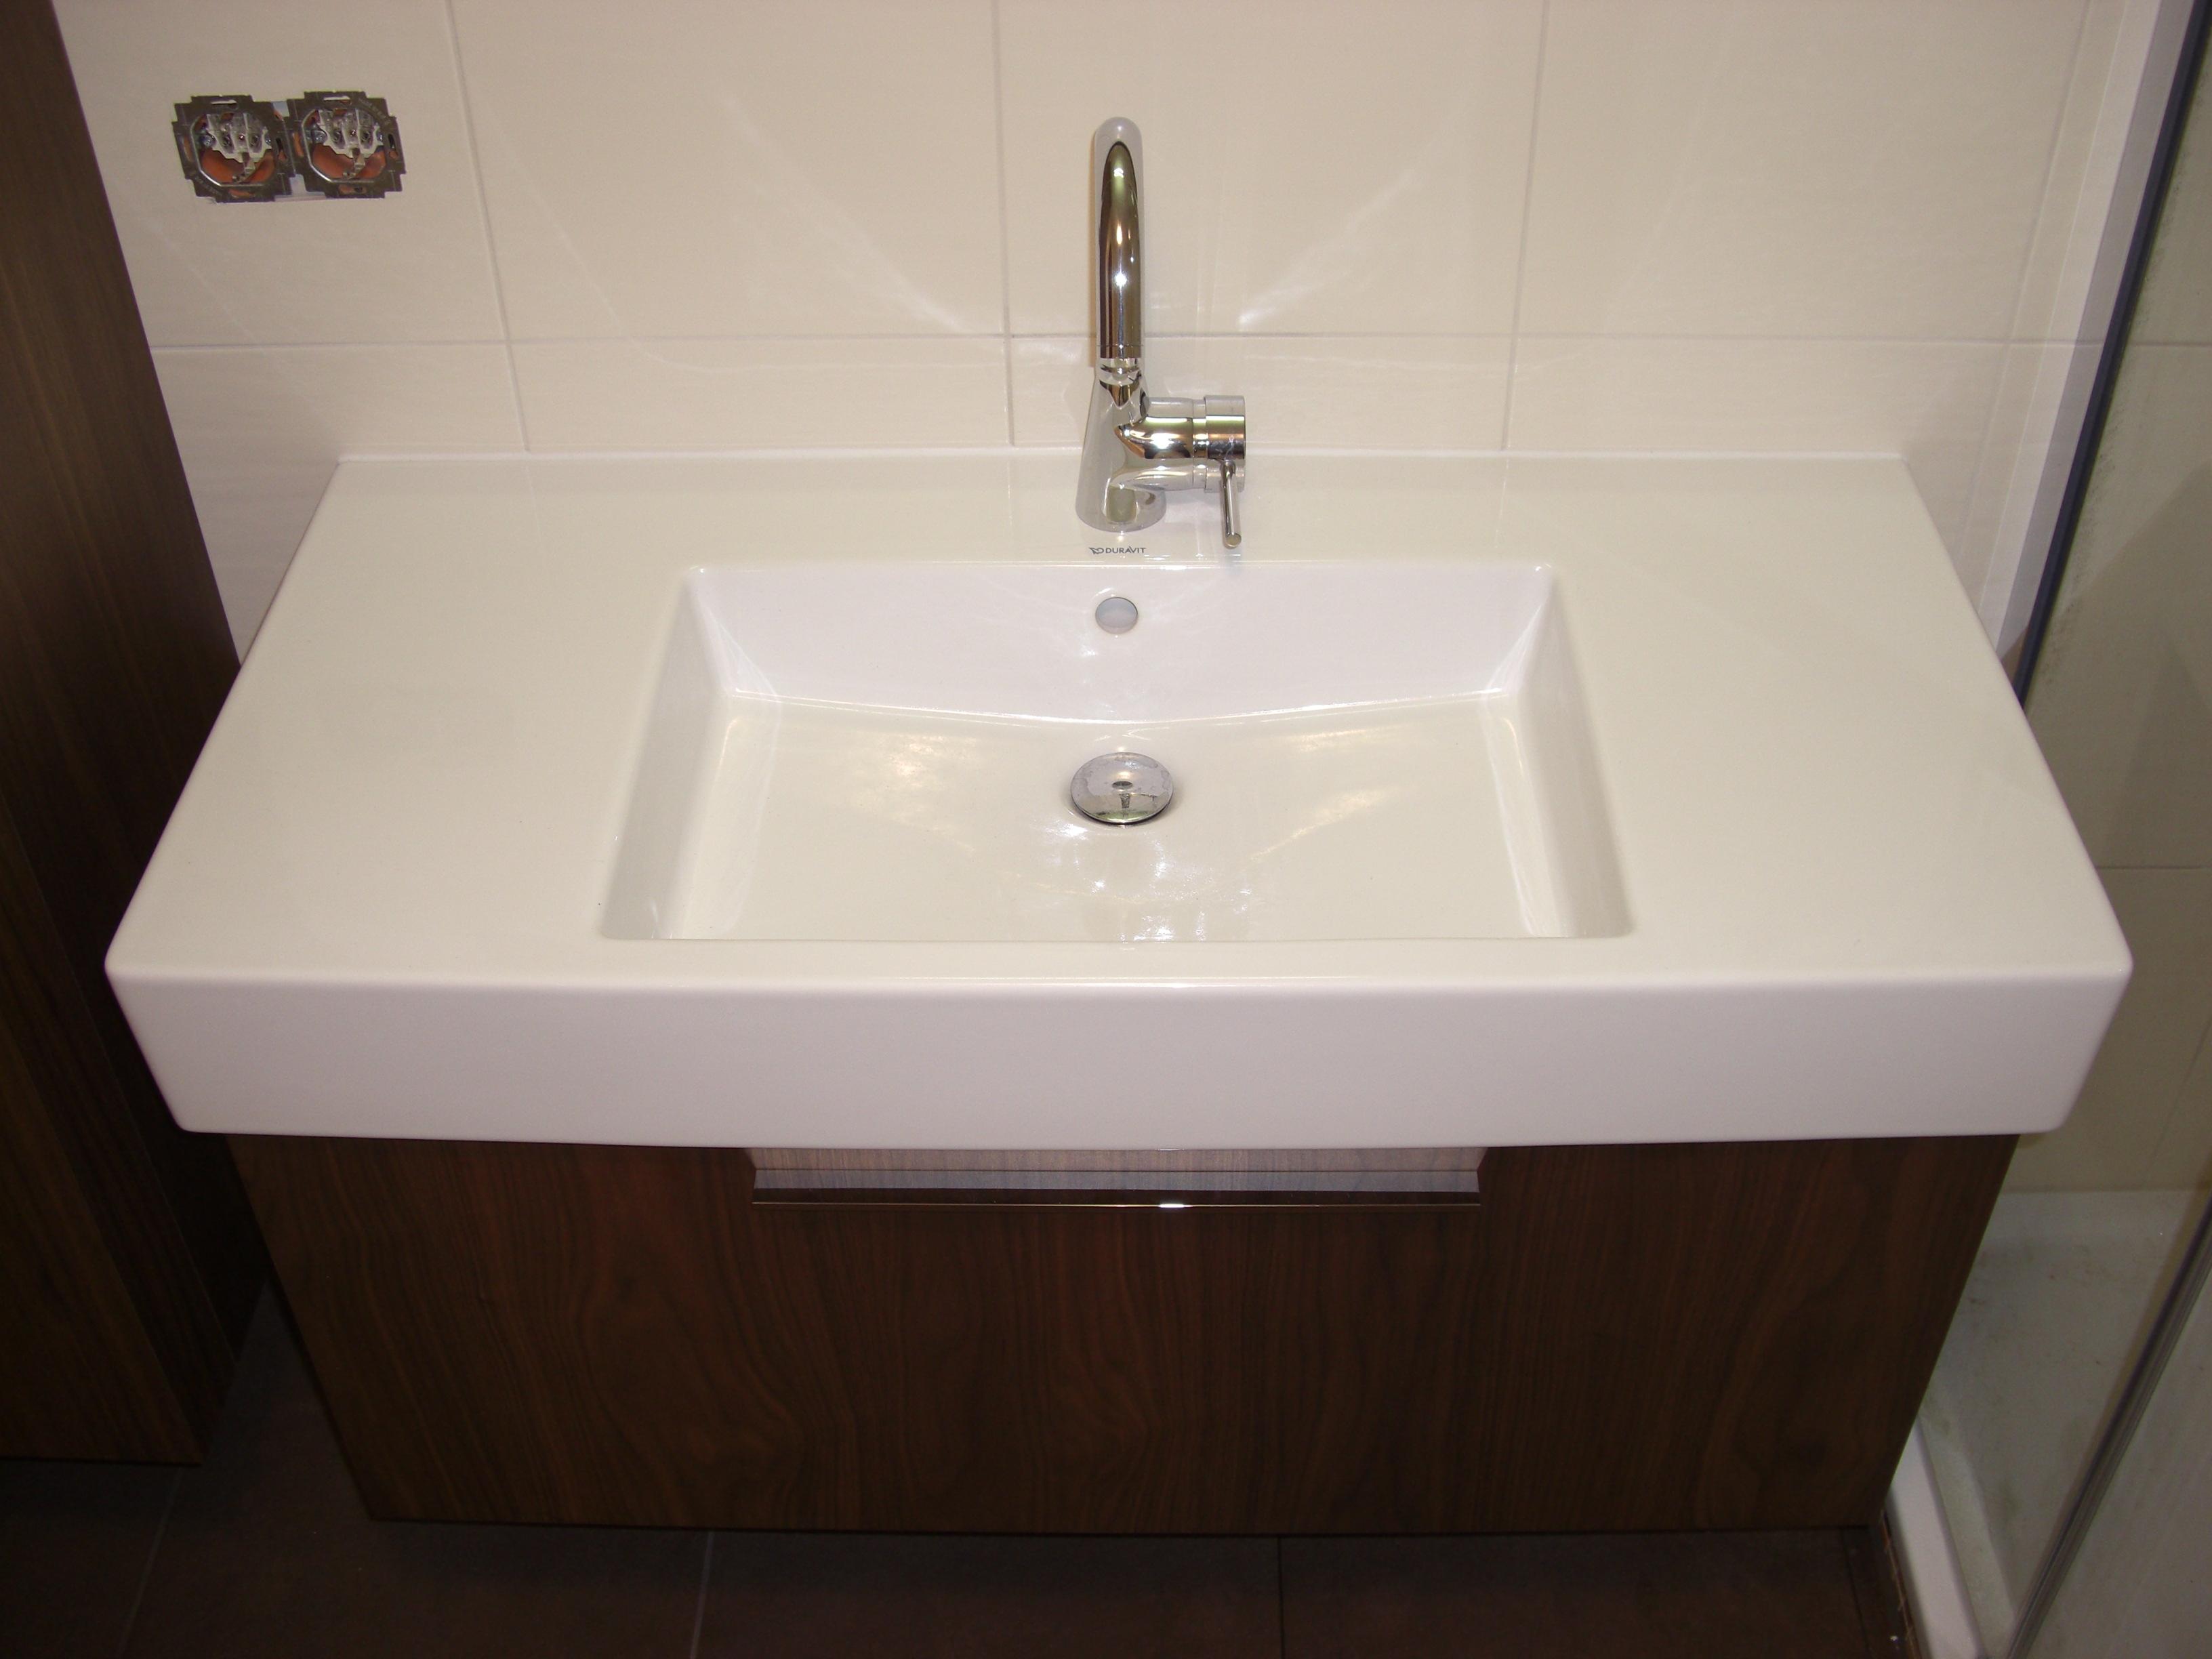 Duravit waschbecken eckig  Waschbecken Behindertengerecht Duravit ~ Duravit starck 3 wall ...